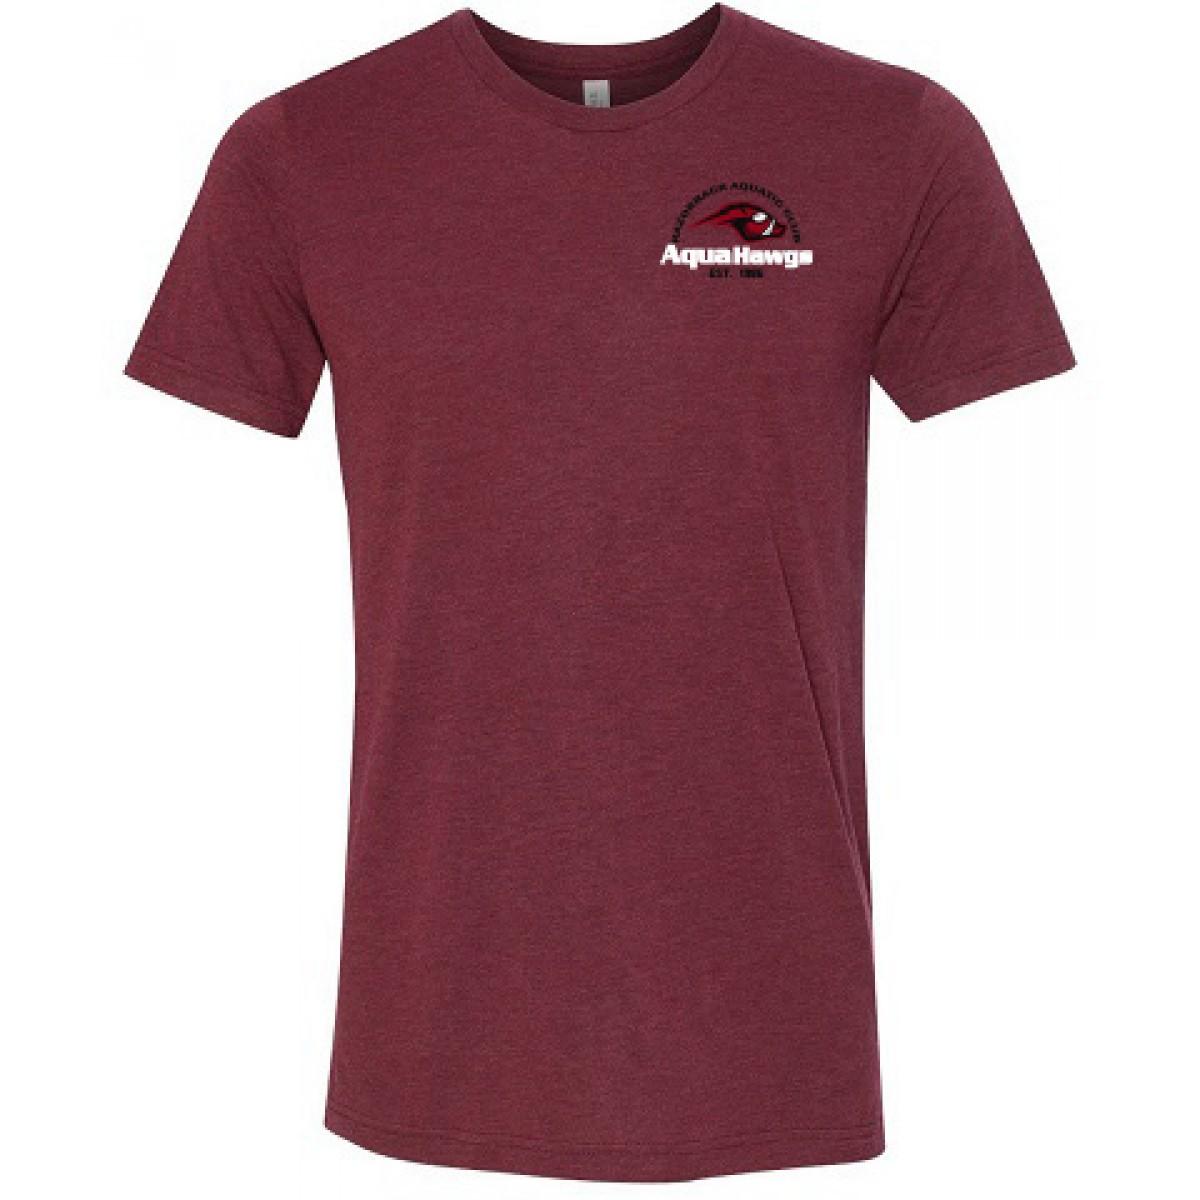 Bella+Canvas Unisex Short Sleeve Jersey T-Shirt-Cardinal Red-L